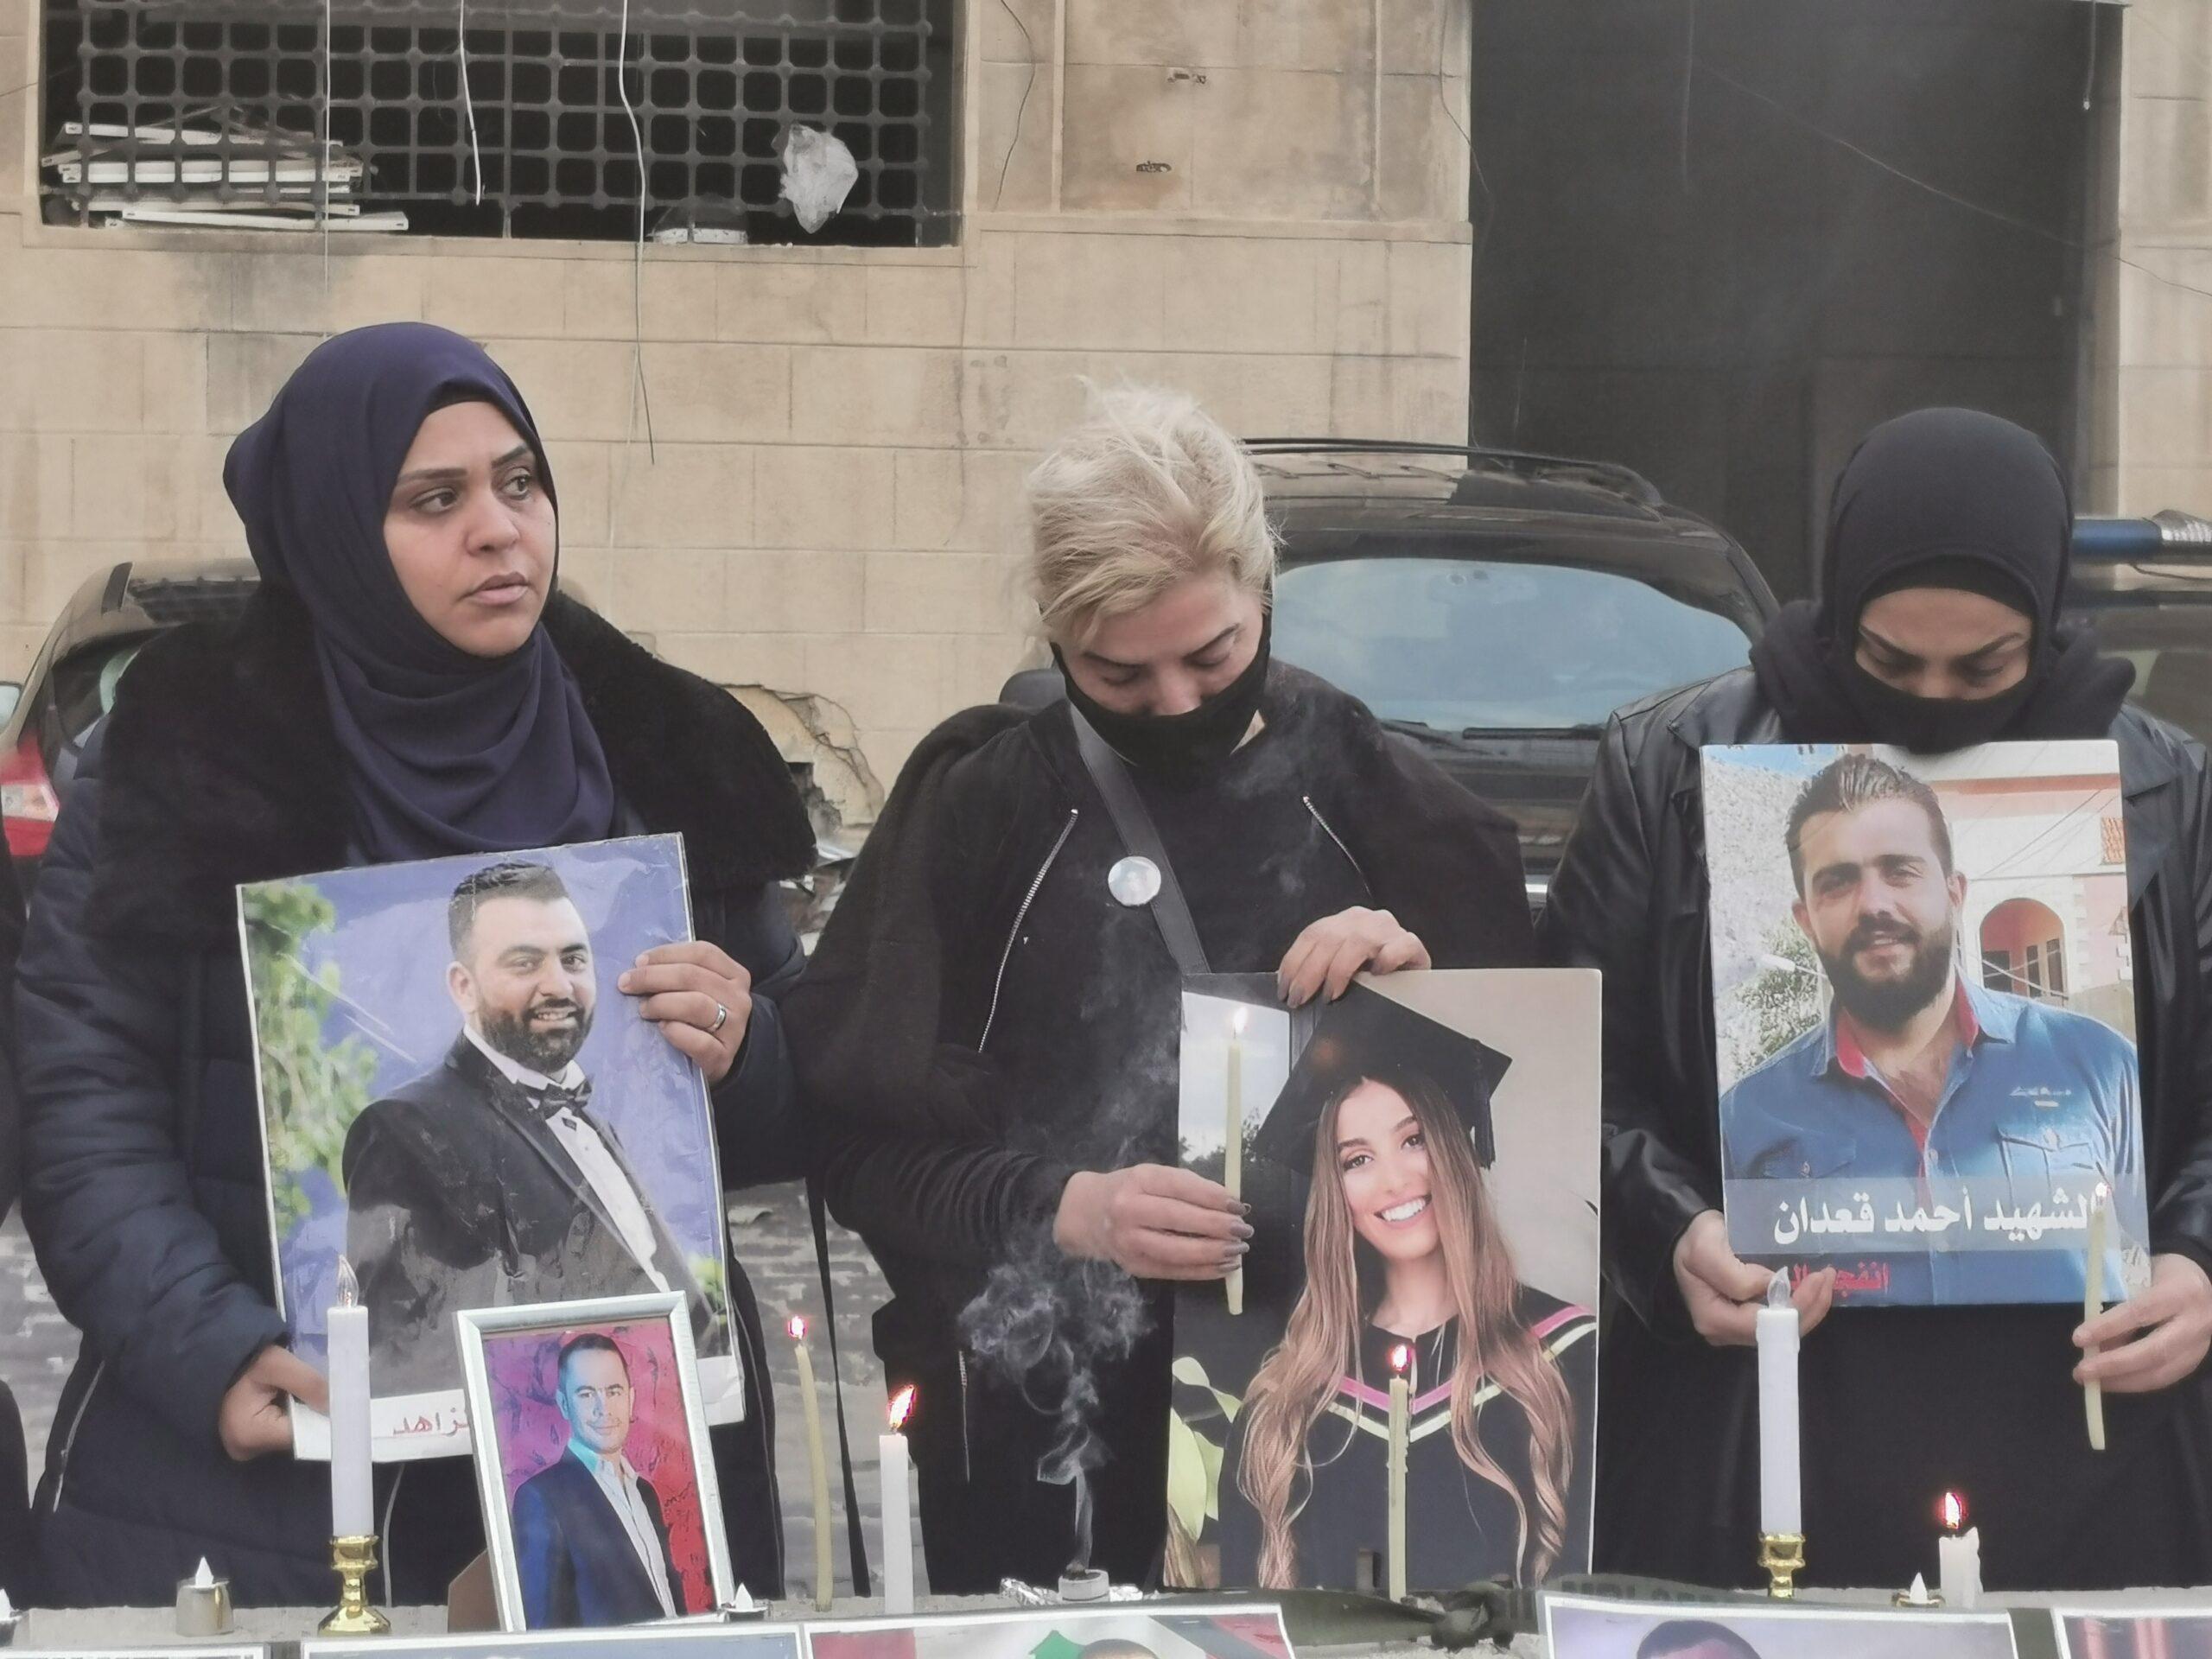 سبعة أشهر على تفجير مرفأ بيروت: الأهالي بلا حقوق وبلا حقيقة